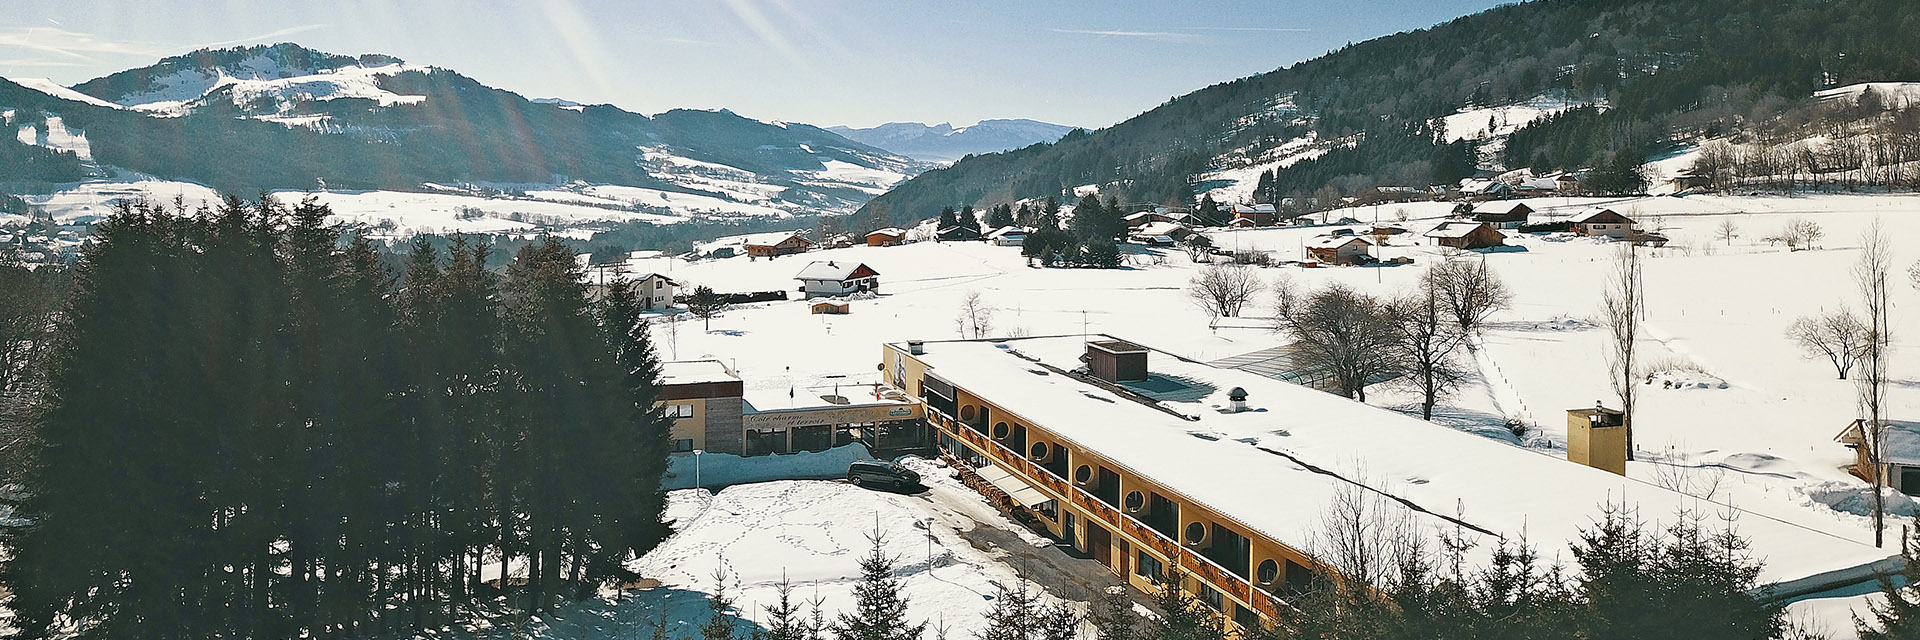 village-vacance-les-cimes-leman-montagne-paysage-residence